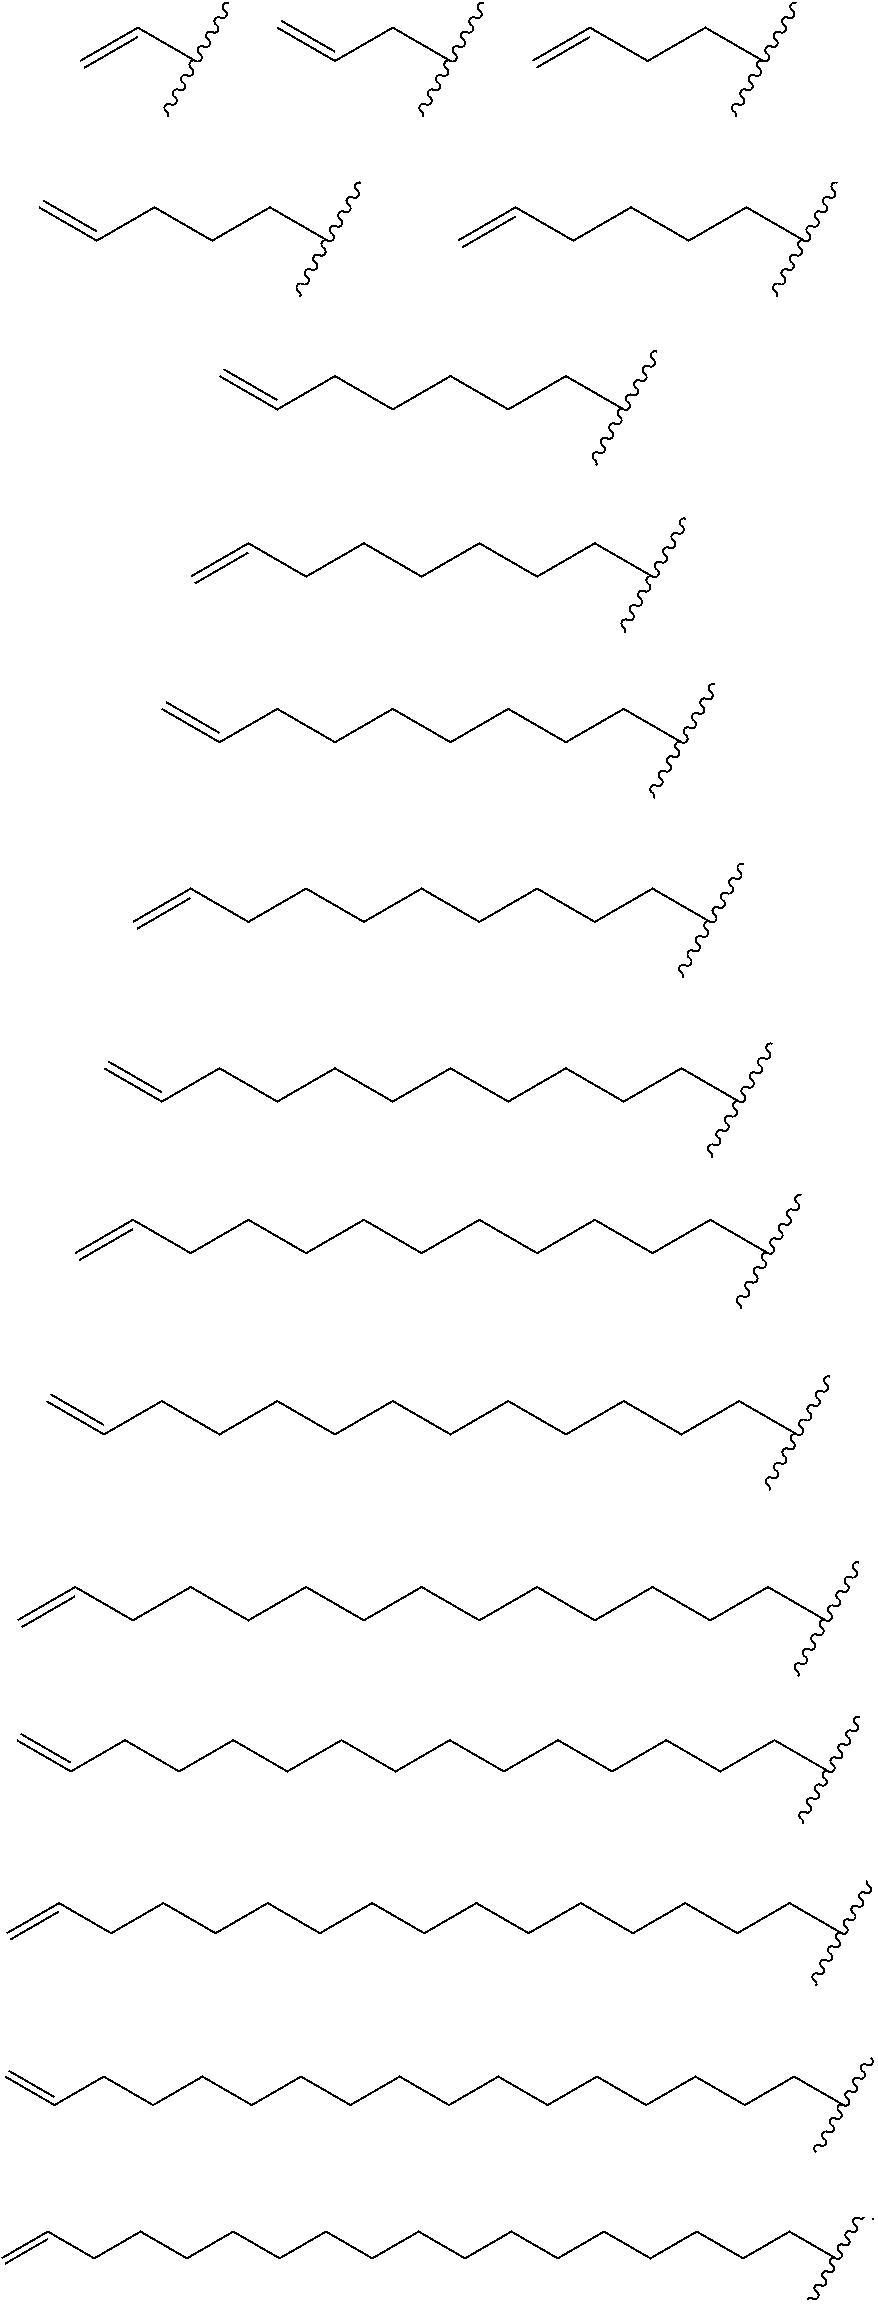 Figure US08969353-20150303-C00067